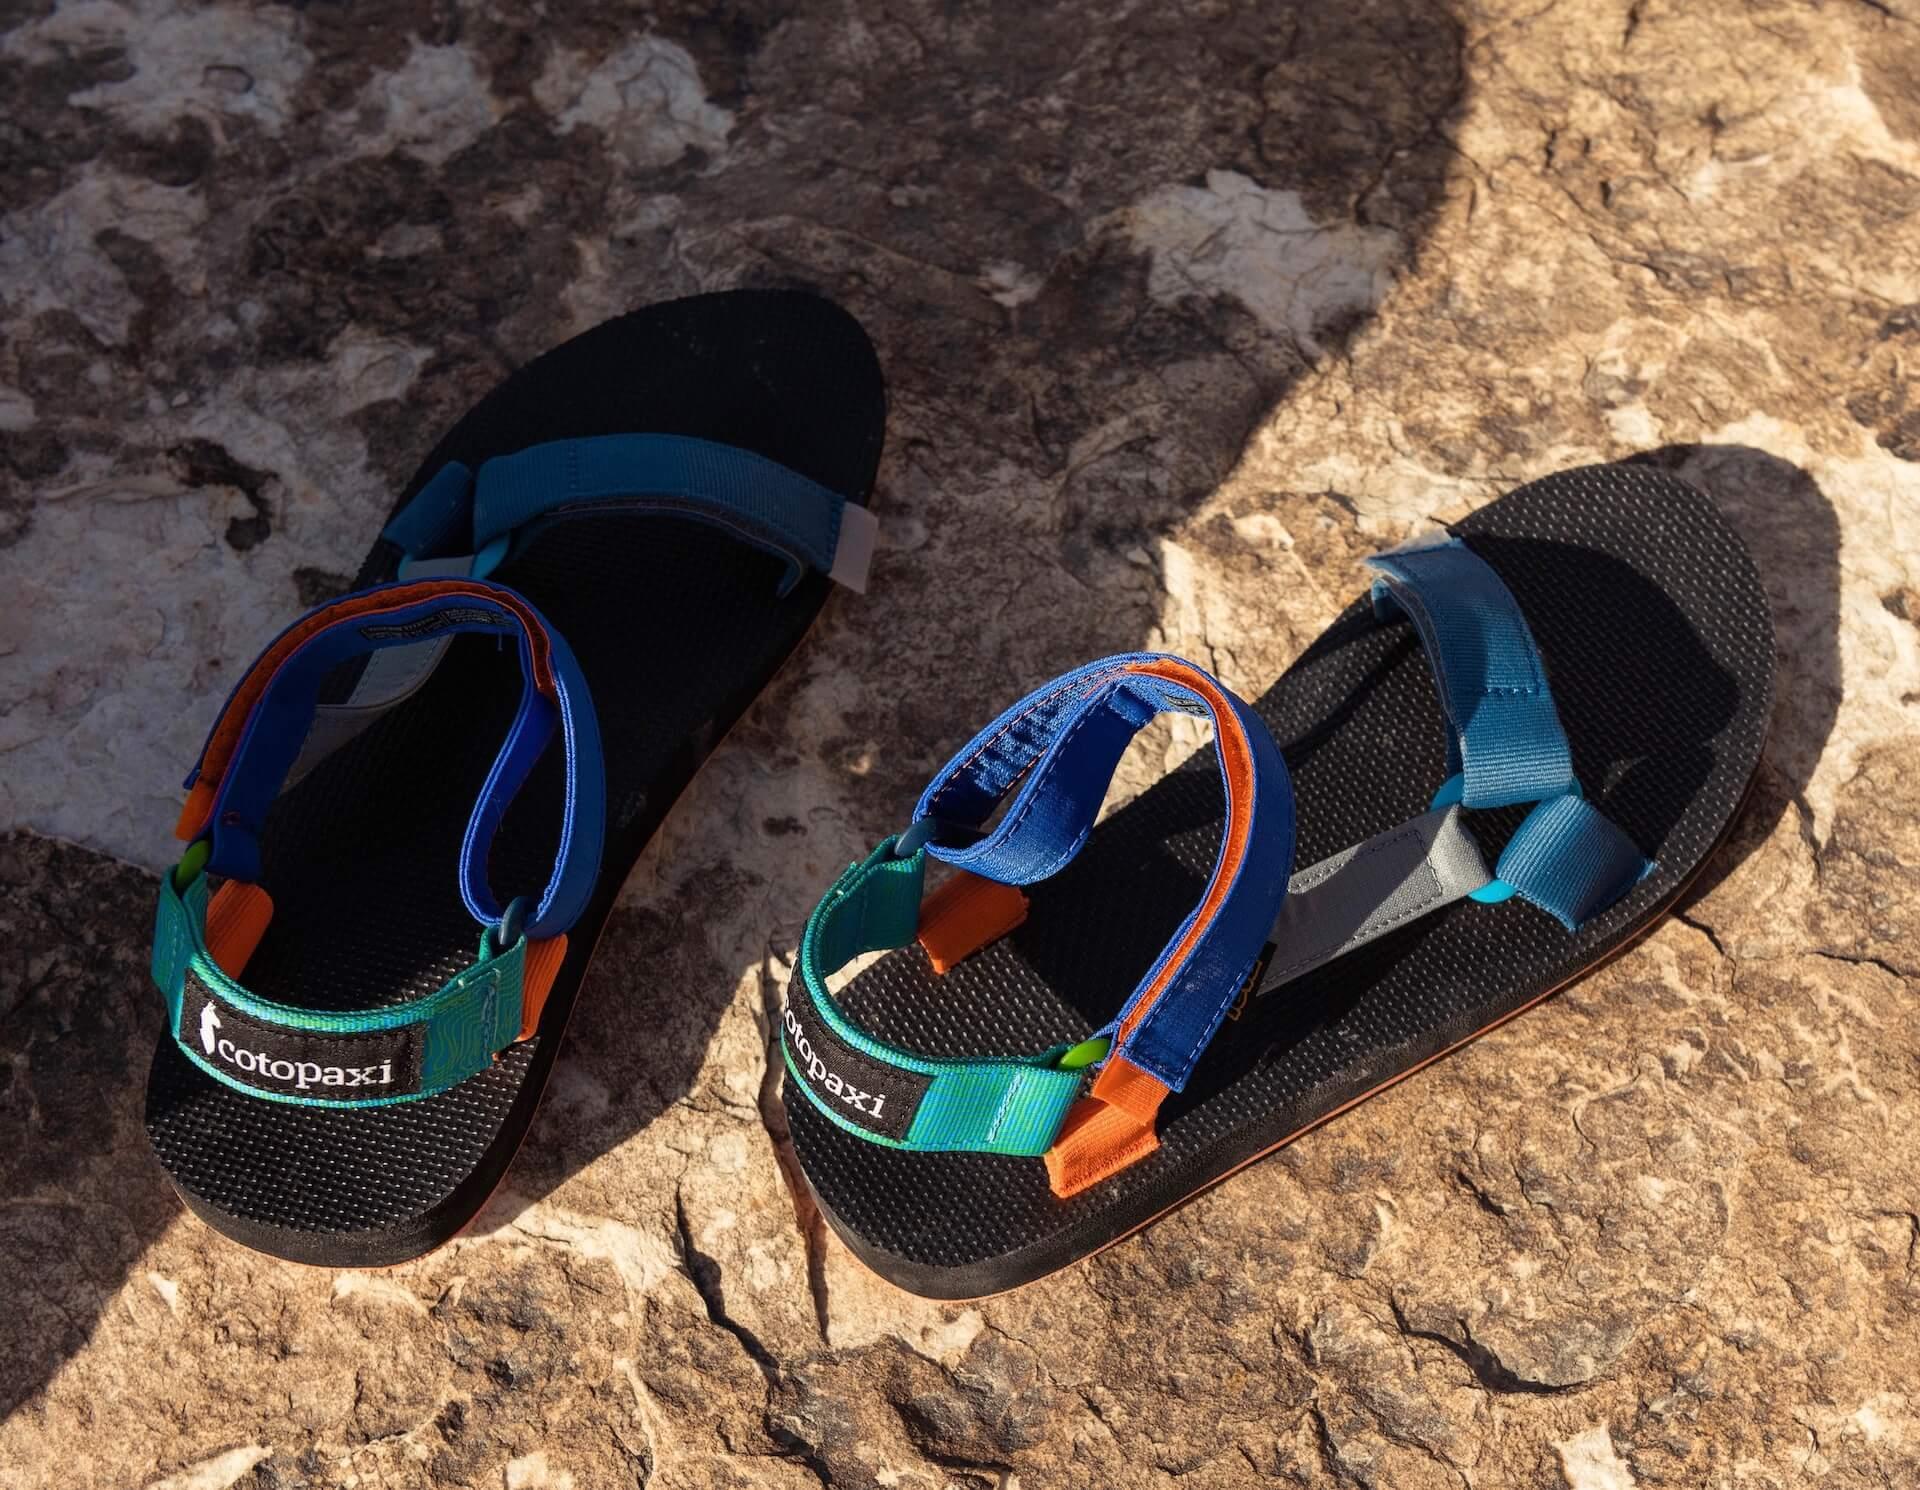 Tevaと米国の次世代アウトドアブランドCotopaxiがコラボ!サステナブルな素材にこだわったサンダルが本日発売 fashion2020729_teva6